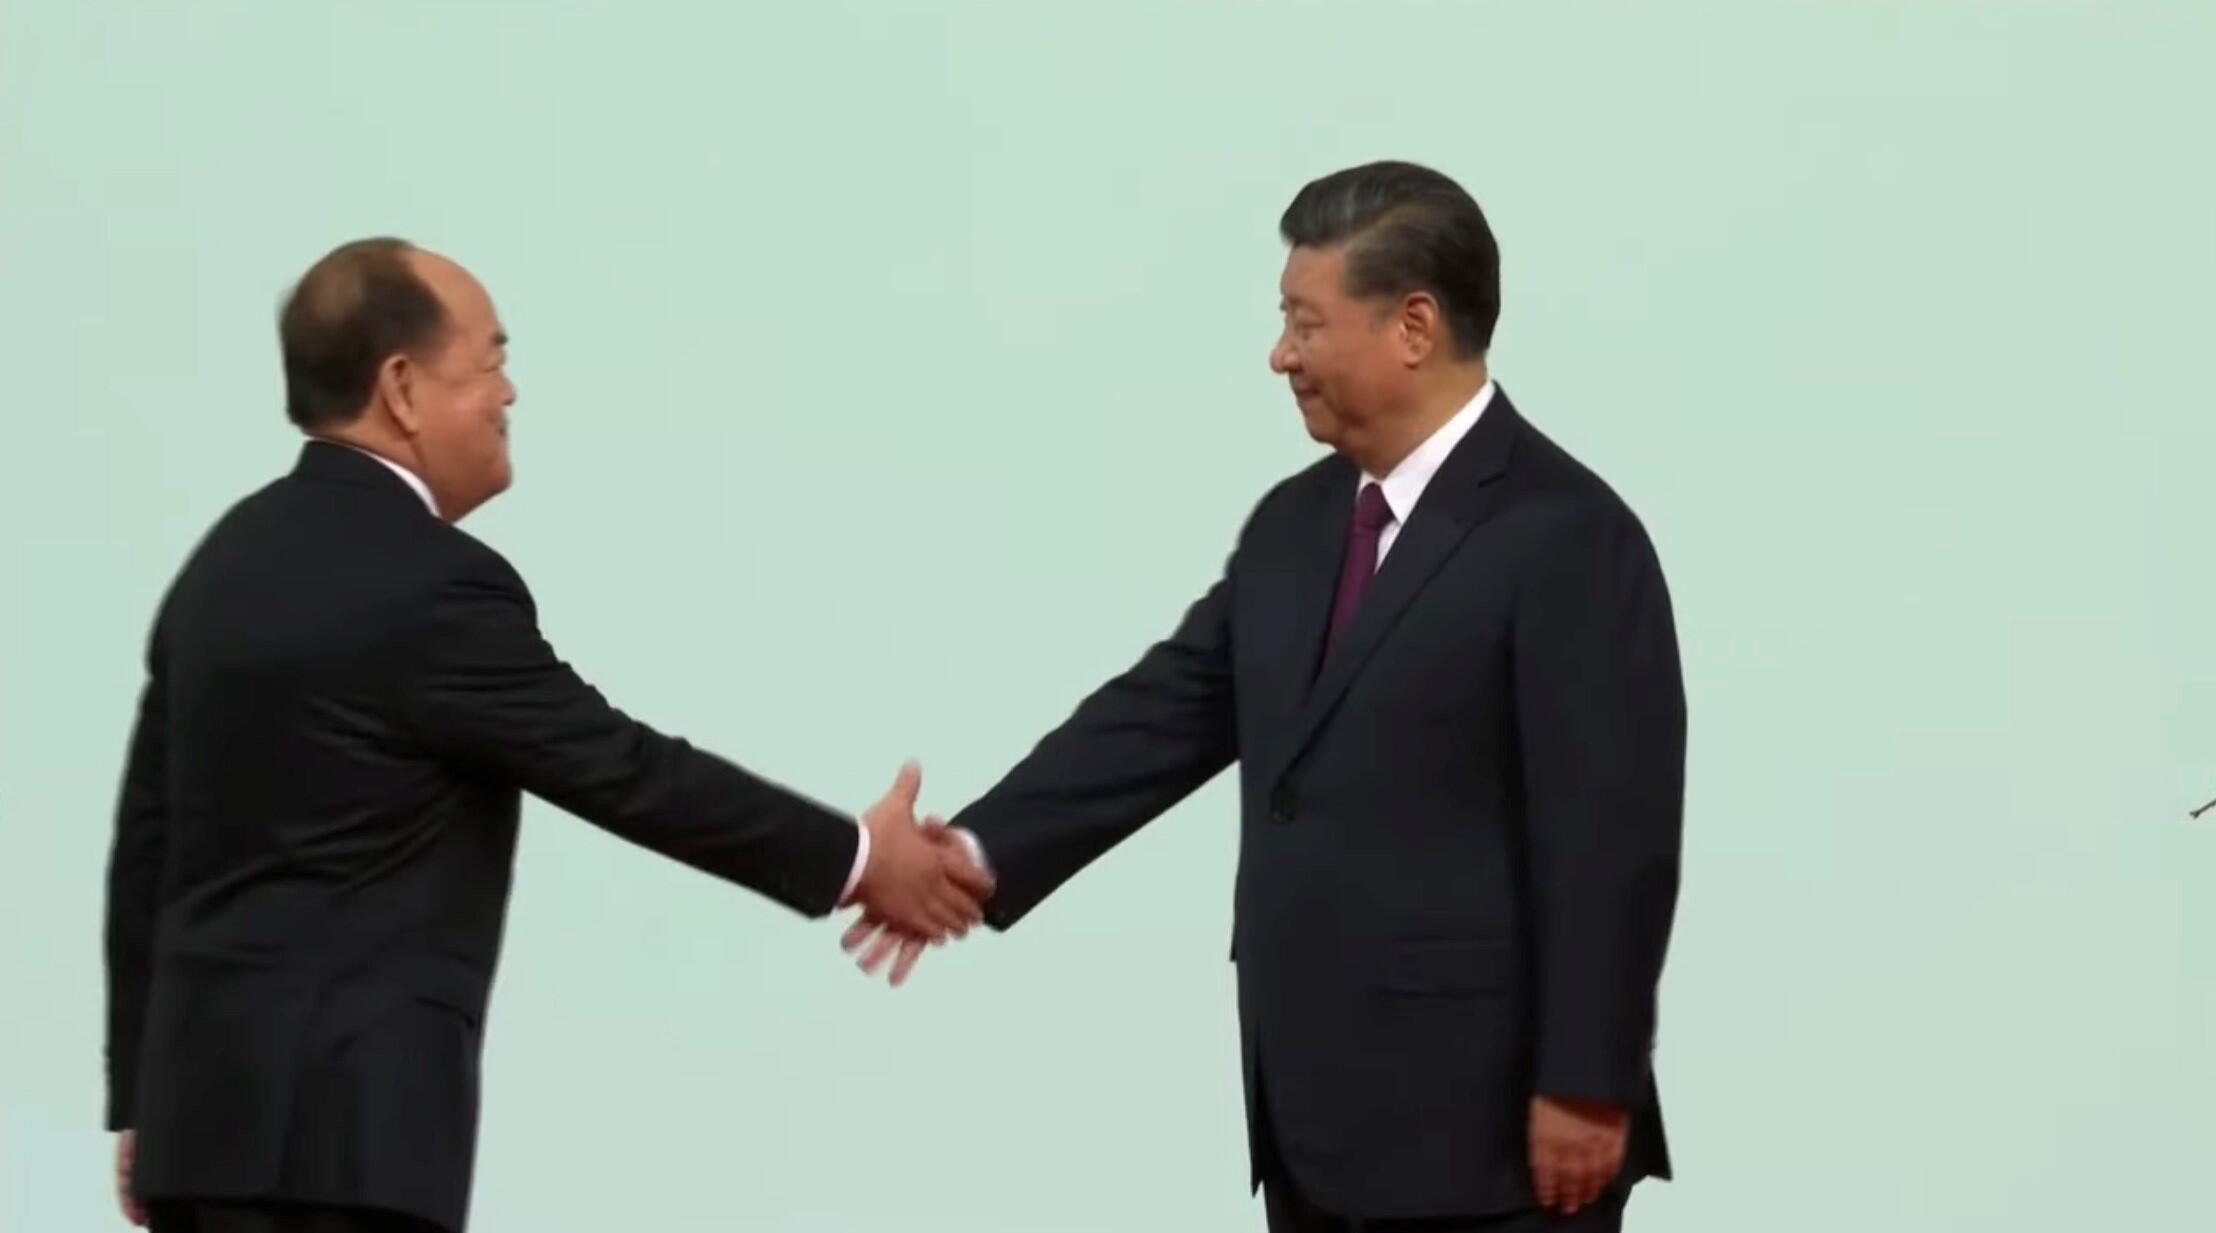 澳門特首賀一誠在宣誓就職後,與主持宣誓儀式的中國主席習近平握手